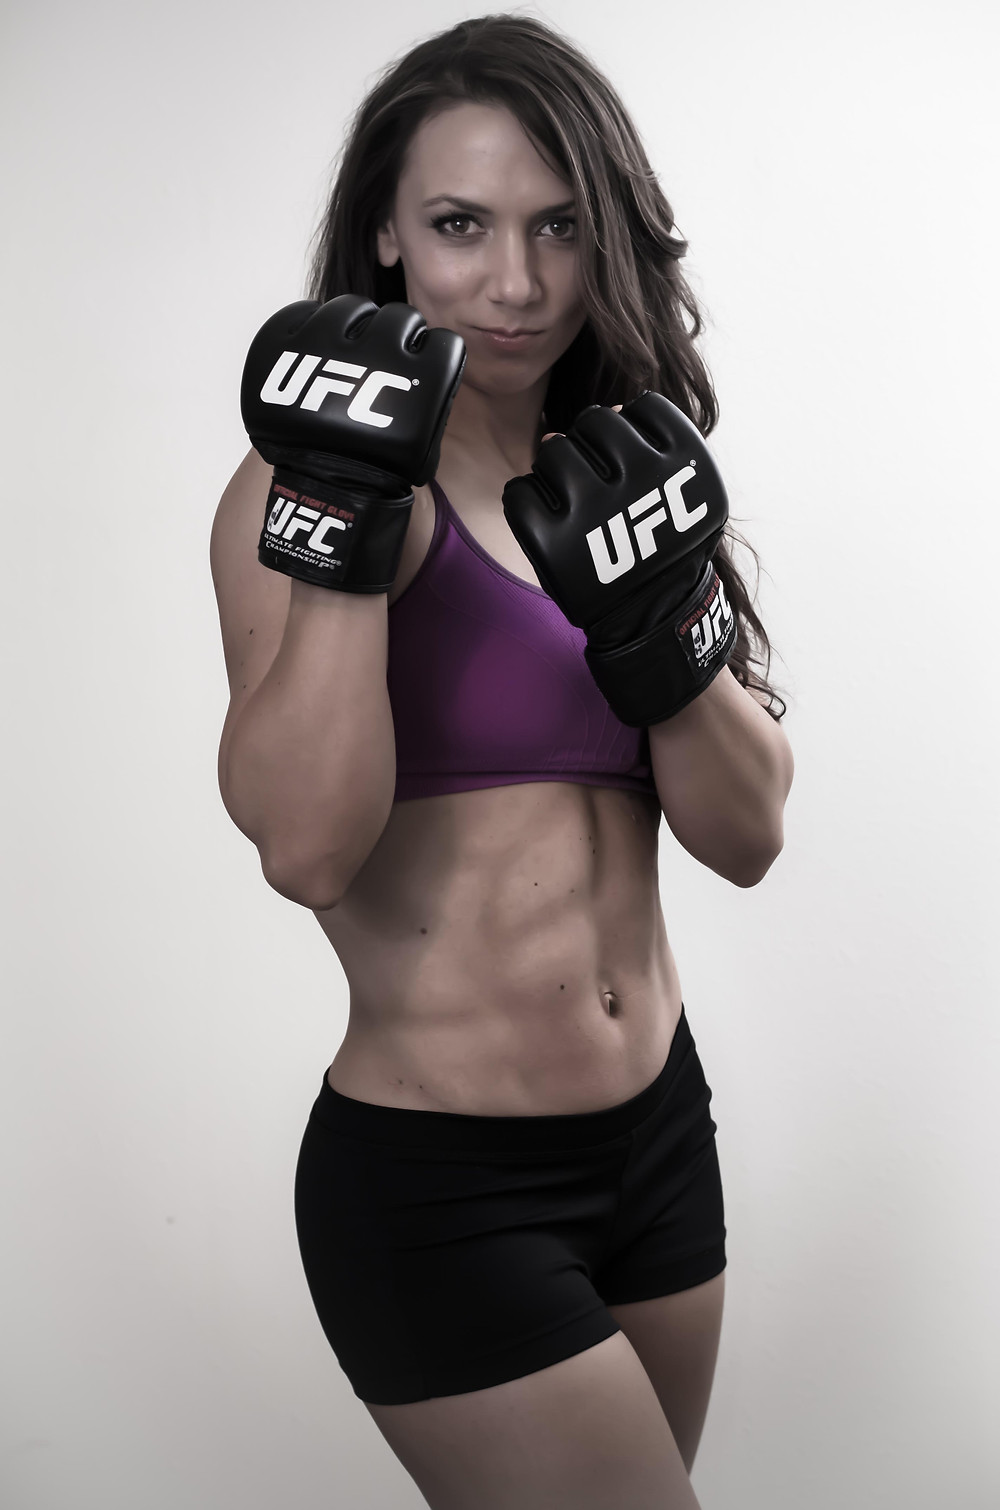 fighter.jpg